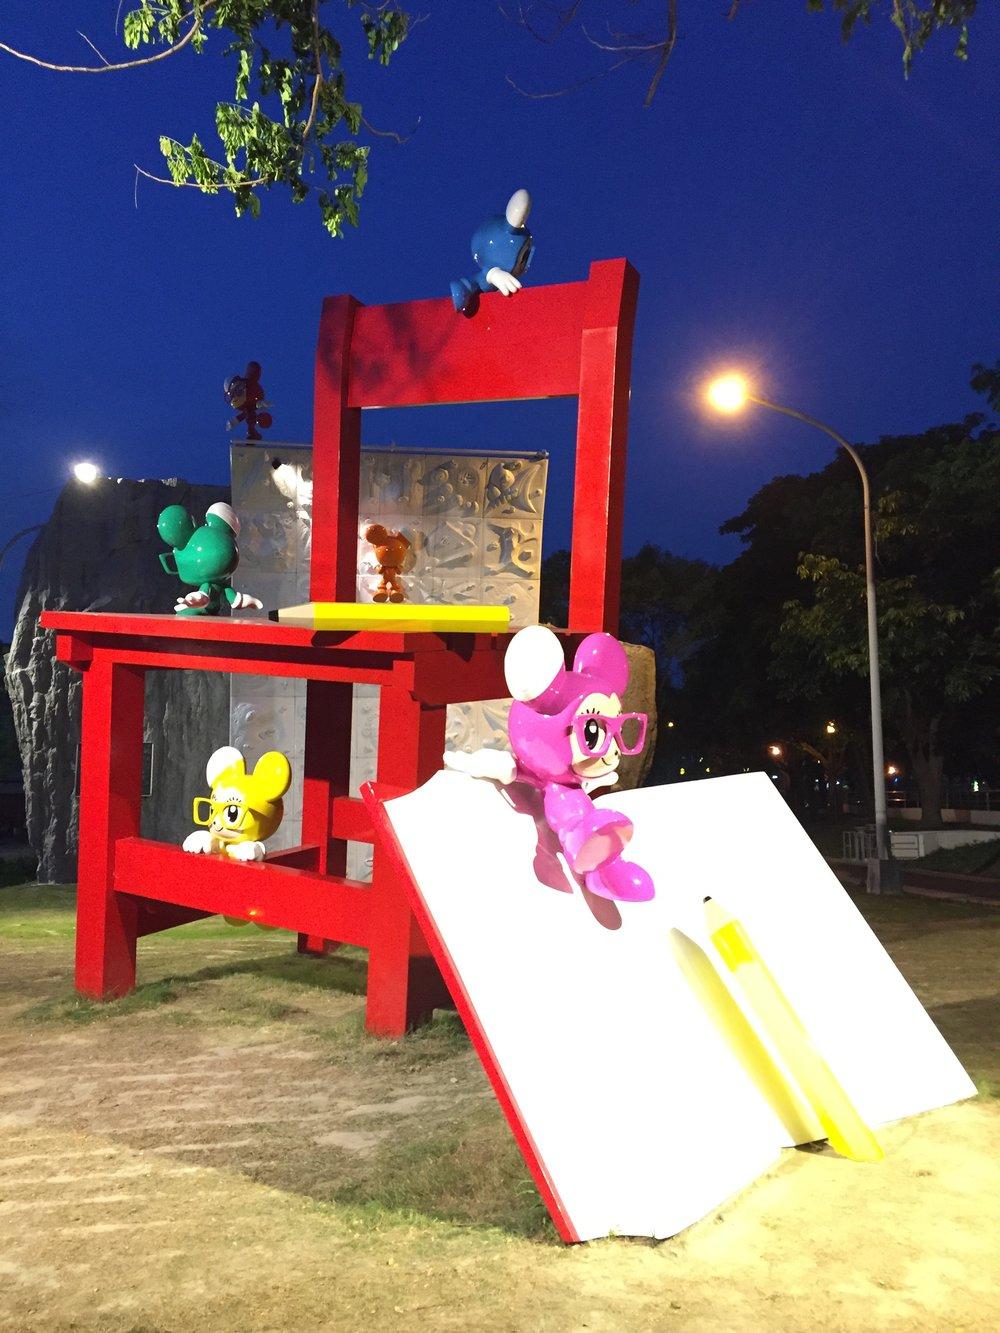 大紅椅照片提供都市藝術工作室01.JPG